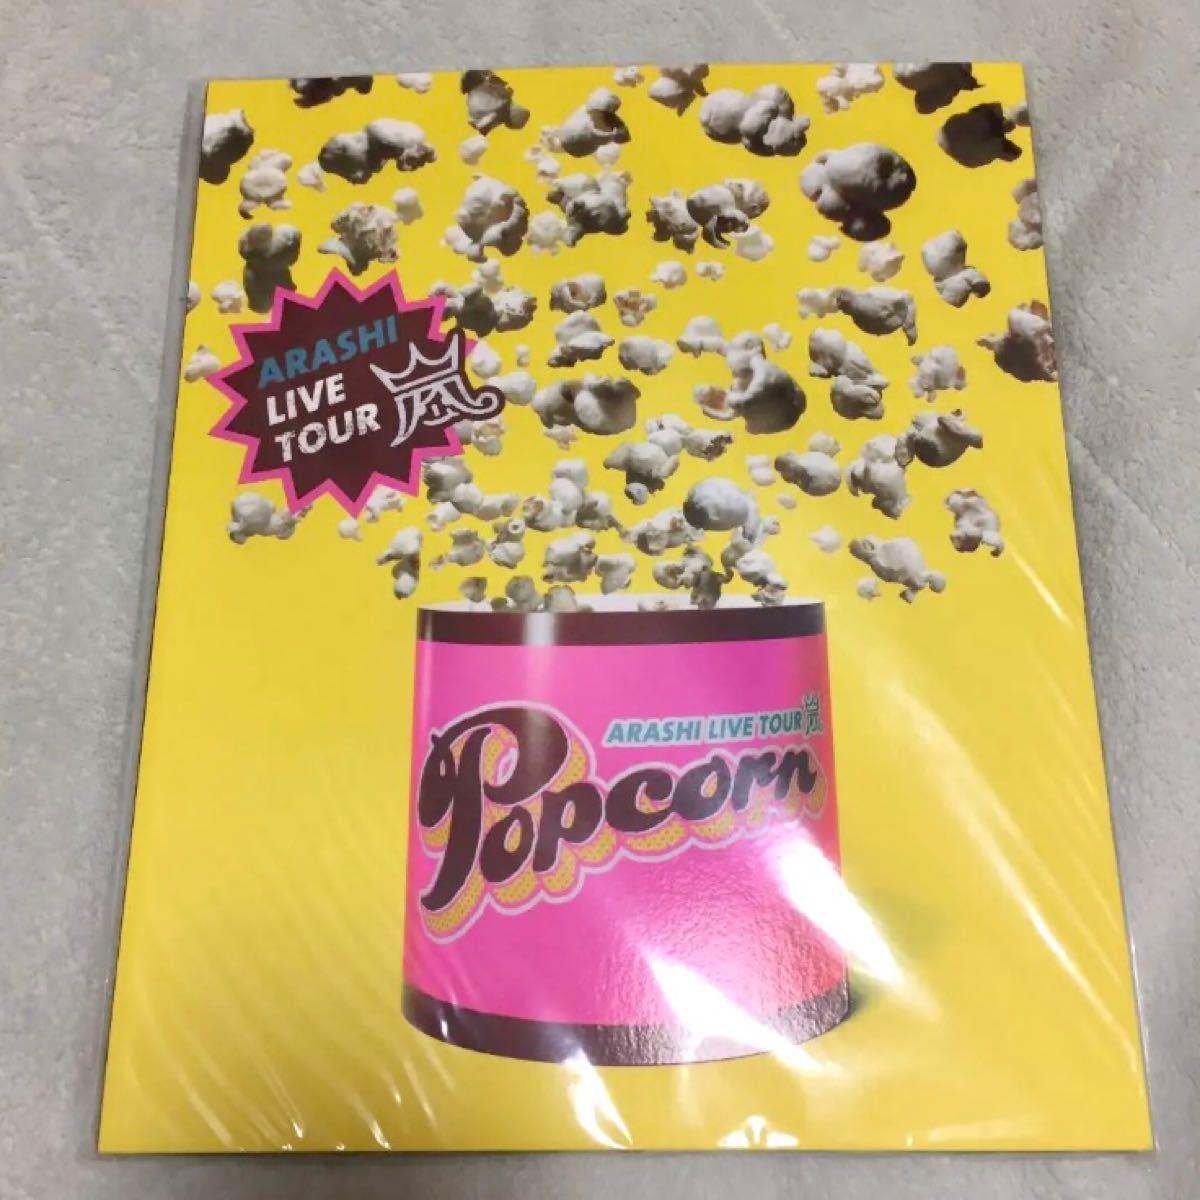 嵐Popcorn ツアーパンフレット